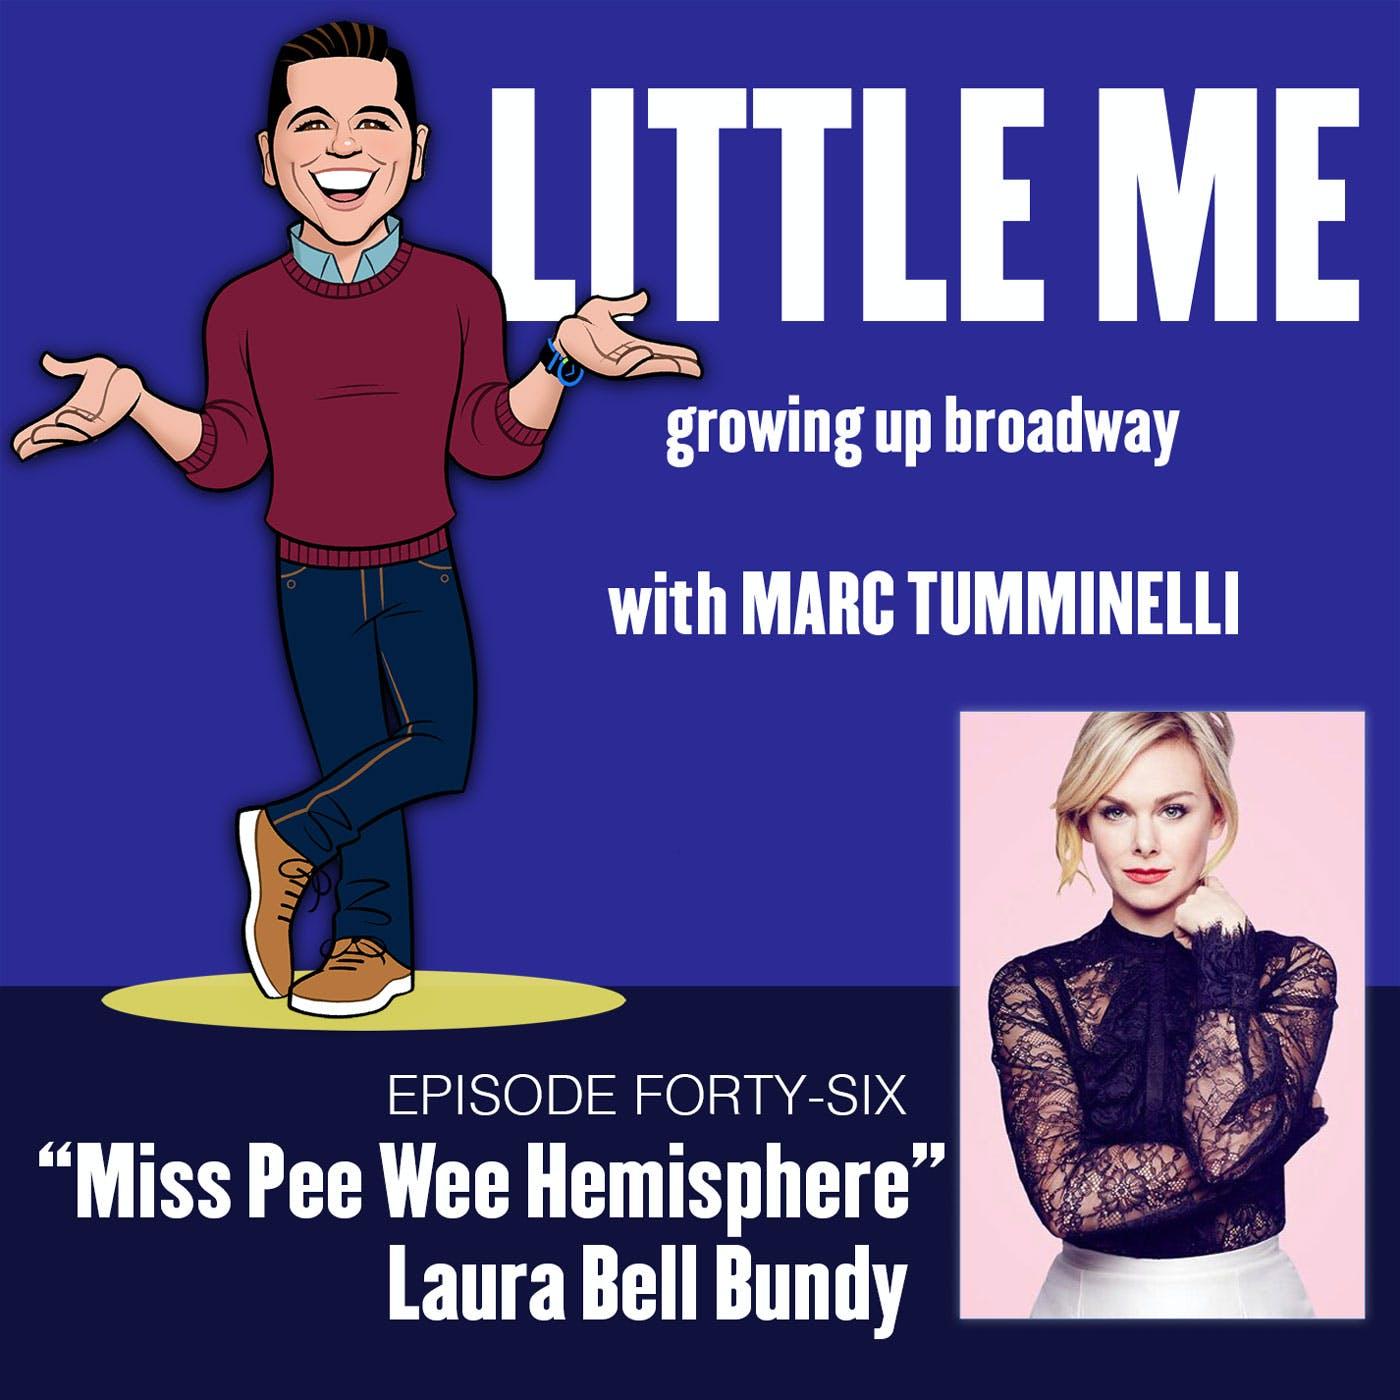 EP46 - Laura Bell Bundy - Miss Pee Wee Hemisphere